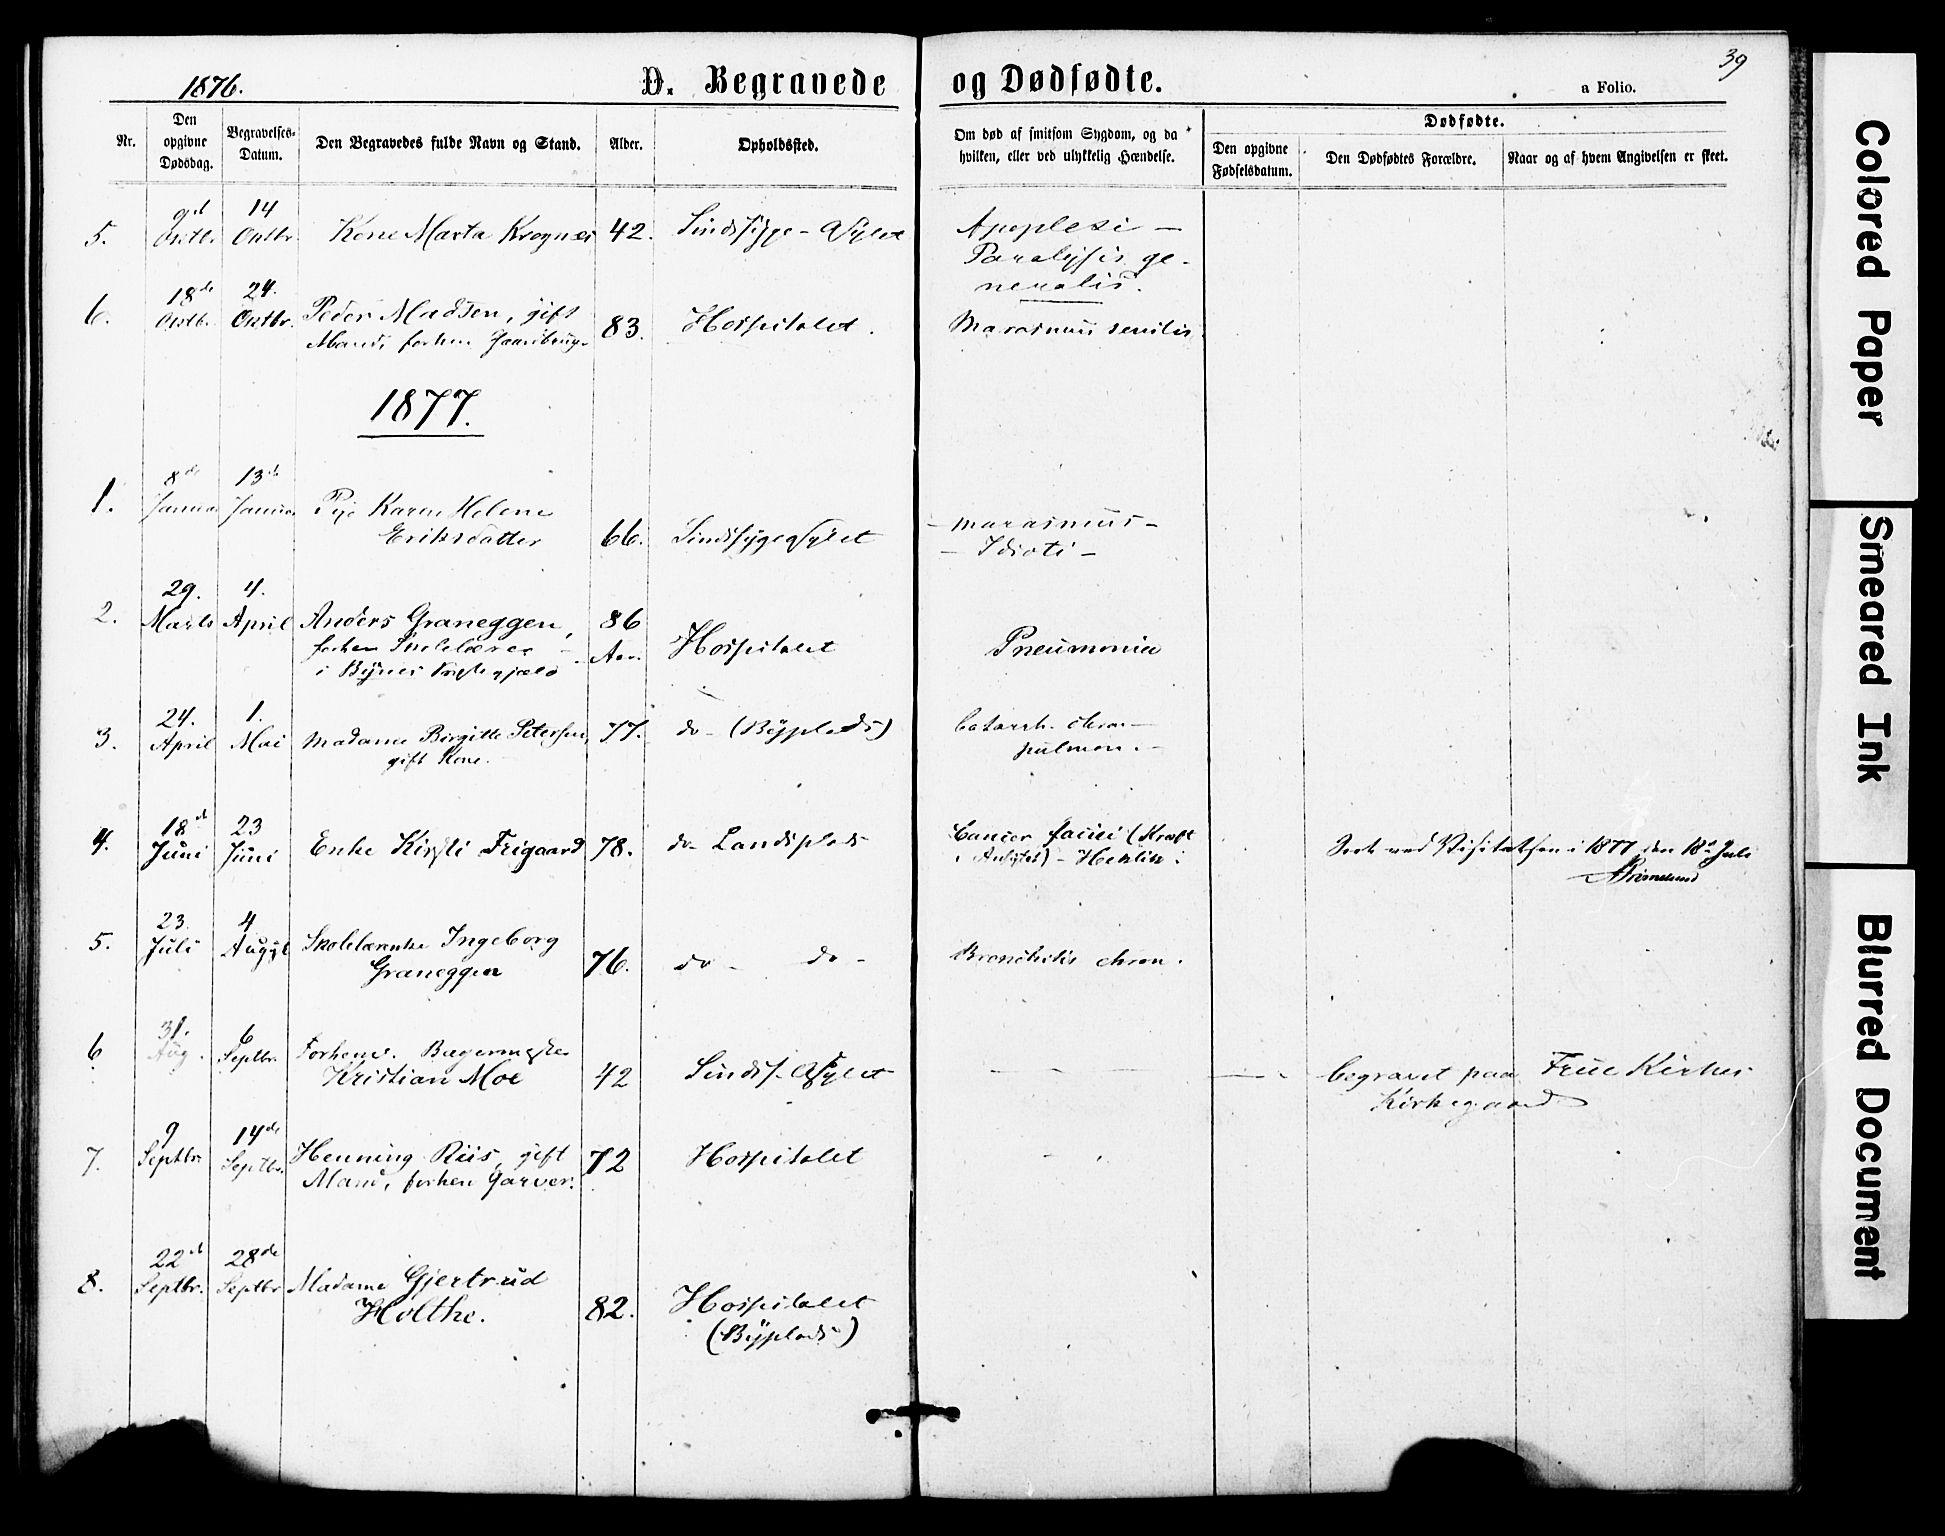 SAT, Ministerialprotokoller, klokkerbøker og fødselsregistre - Sør-Trøndelag, 623/L0469: Ministerialbok nr. 623A03, 1868-1883, s. 39